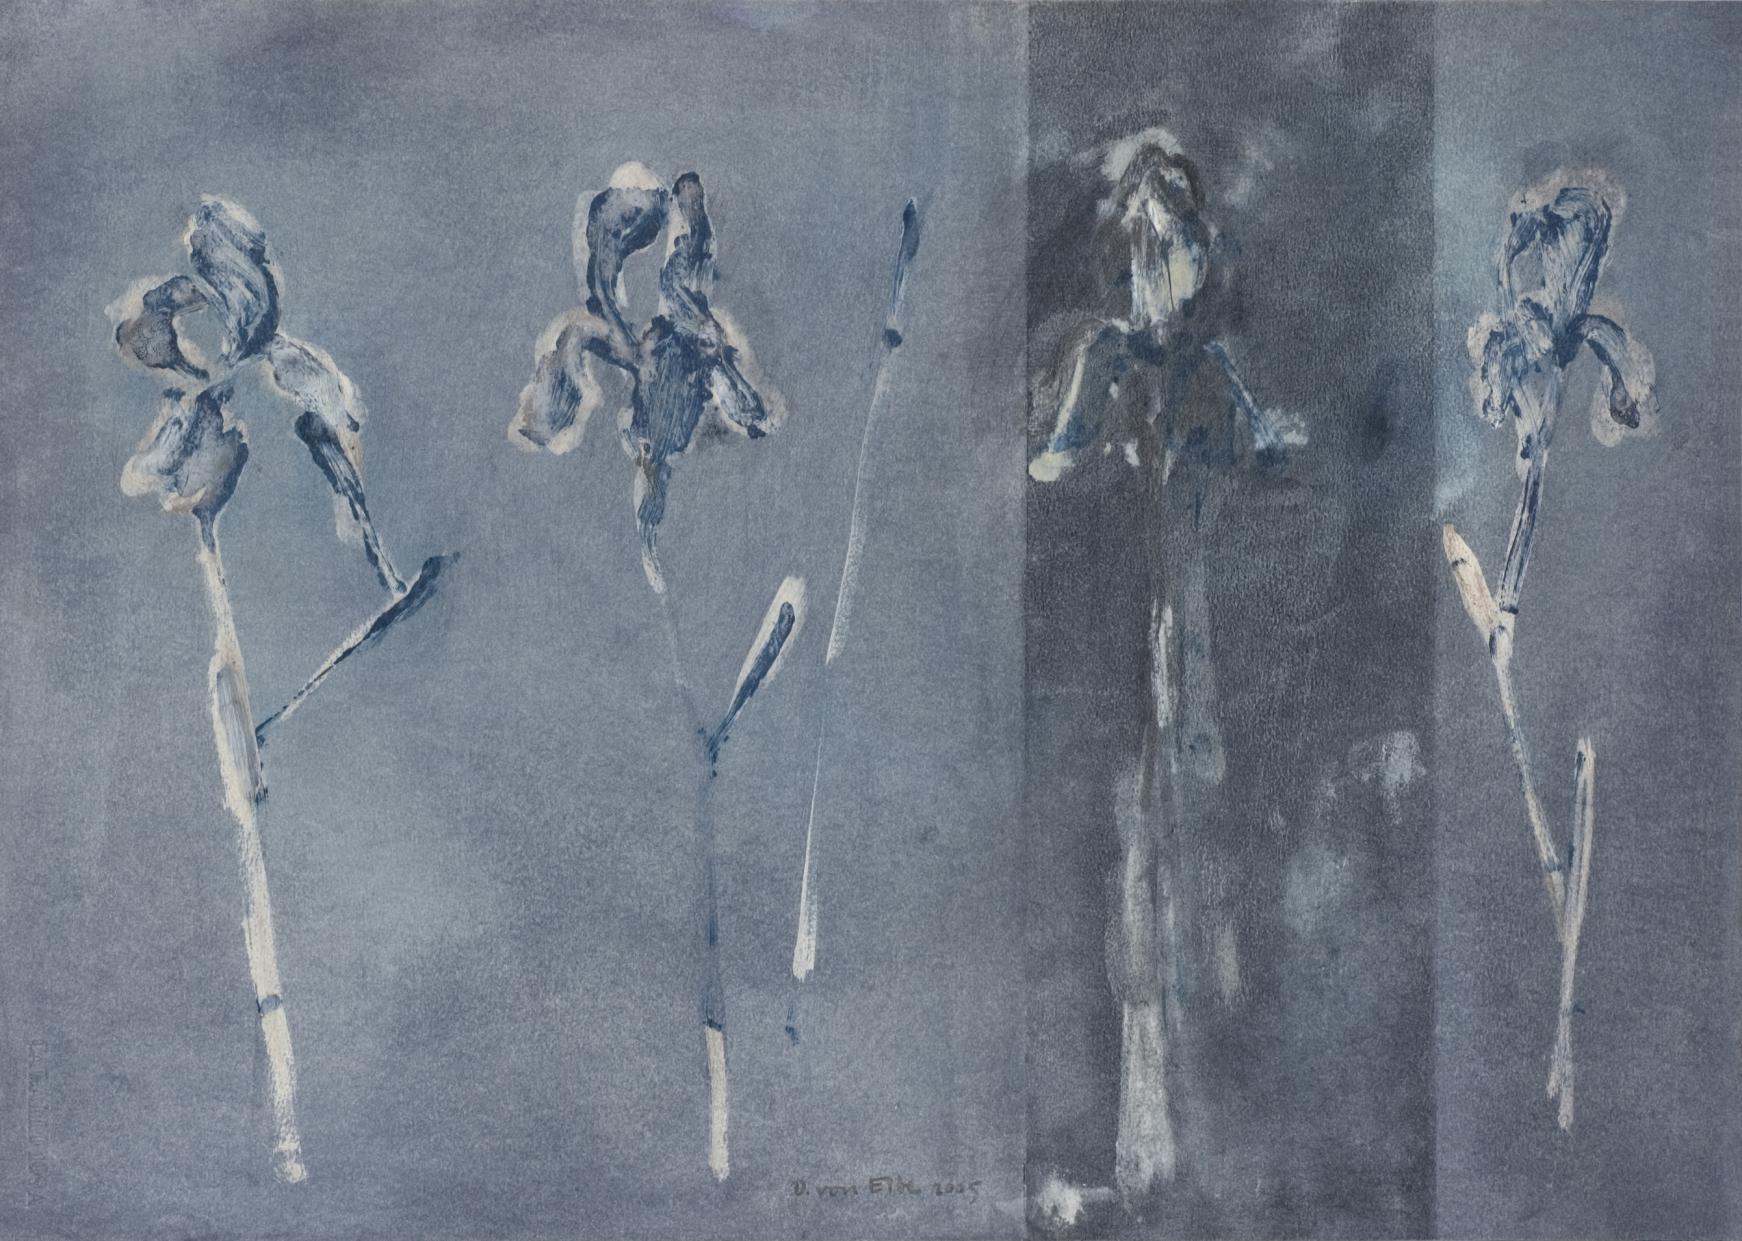 Sin título (2005) - Dorothea von Elbe